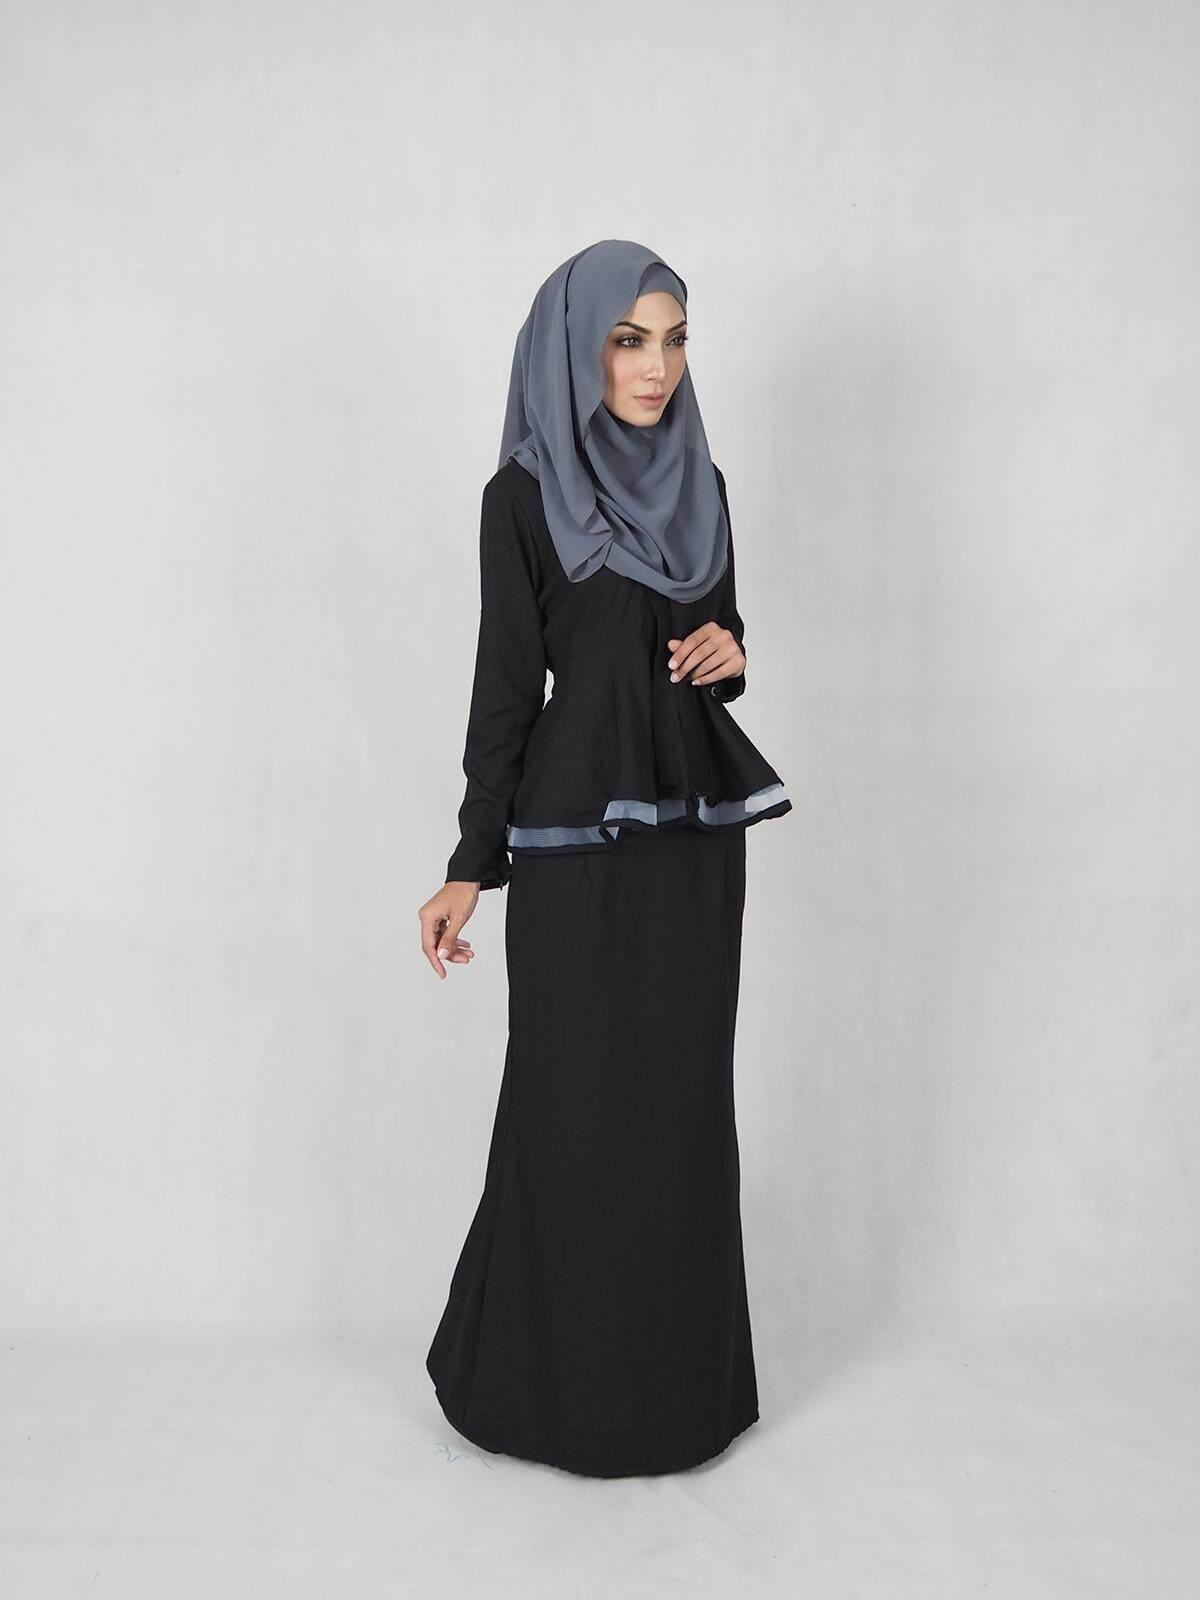 Iris Kebaya / Fashion Kebaya / Muslimah Women Fashion Kebaya /Muslim Women Kebaya Moden 2020 / Murah / Ship from Malaysia Ready Stock